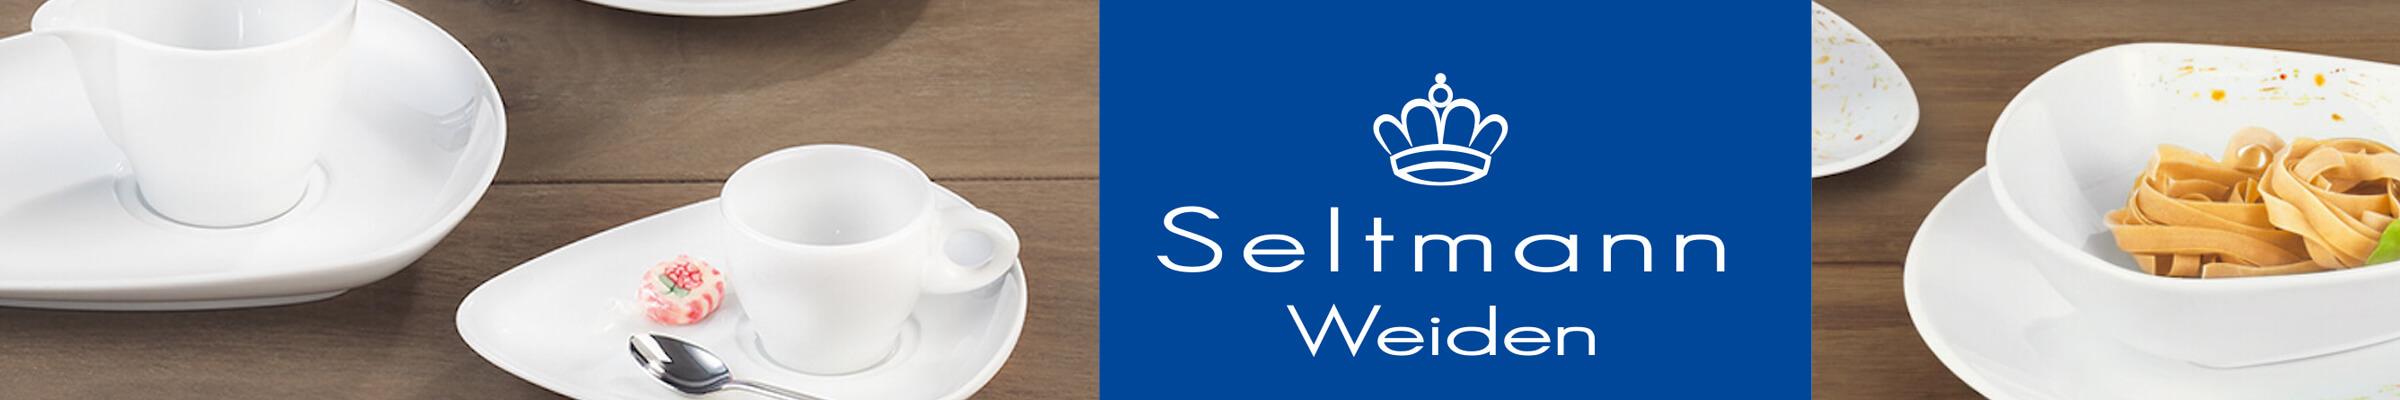 Seltmann Weiden Online Shop